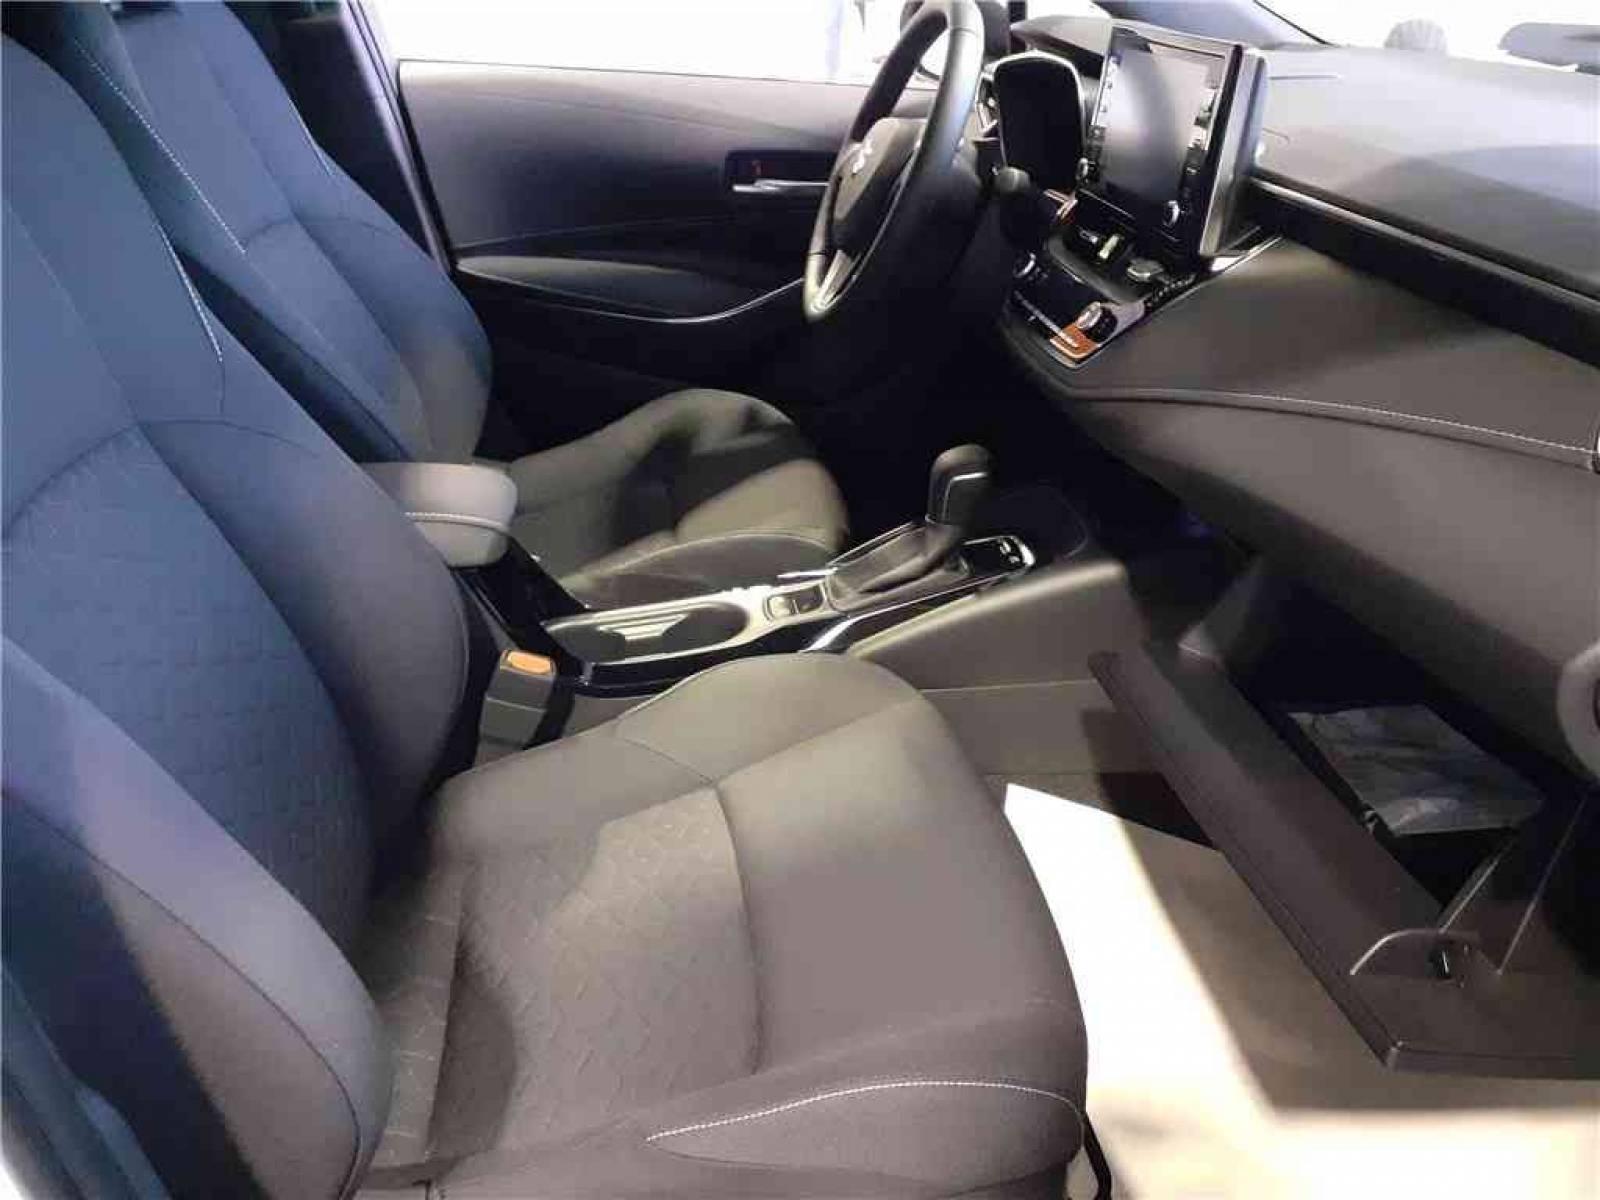 SUZUKI Swace 1.8 Hybrid - véhicule d'occasion - Groupe Guillet - Hall de l'automobile - Chalon sur Saône - 71380 - Saint-Marcel - 45